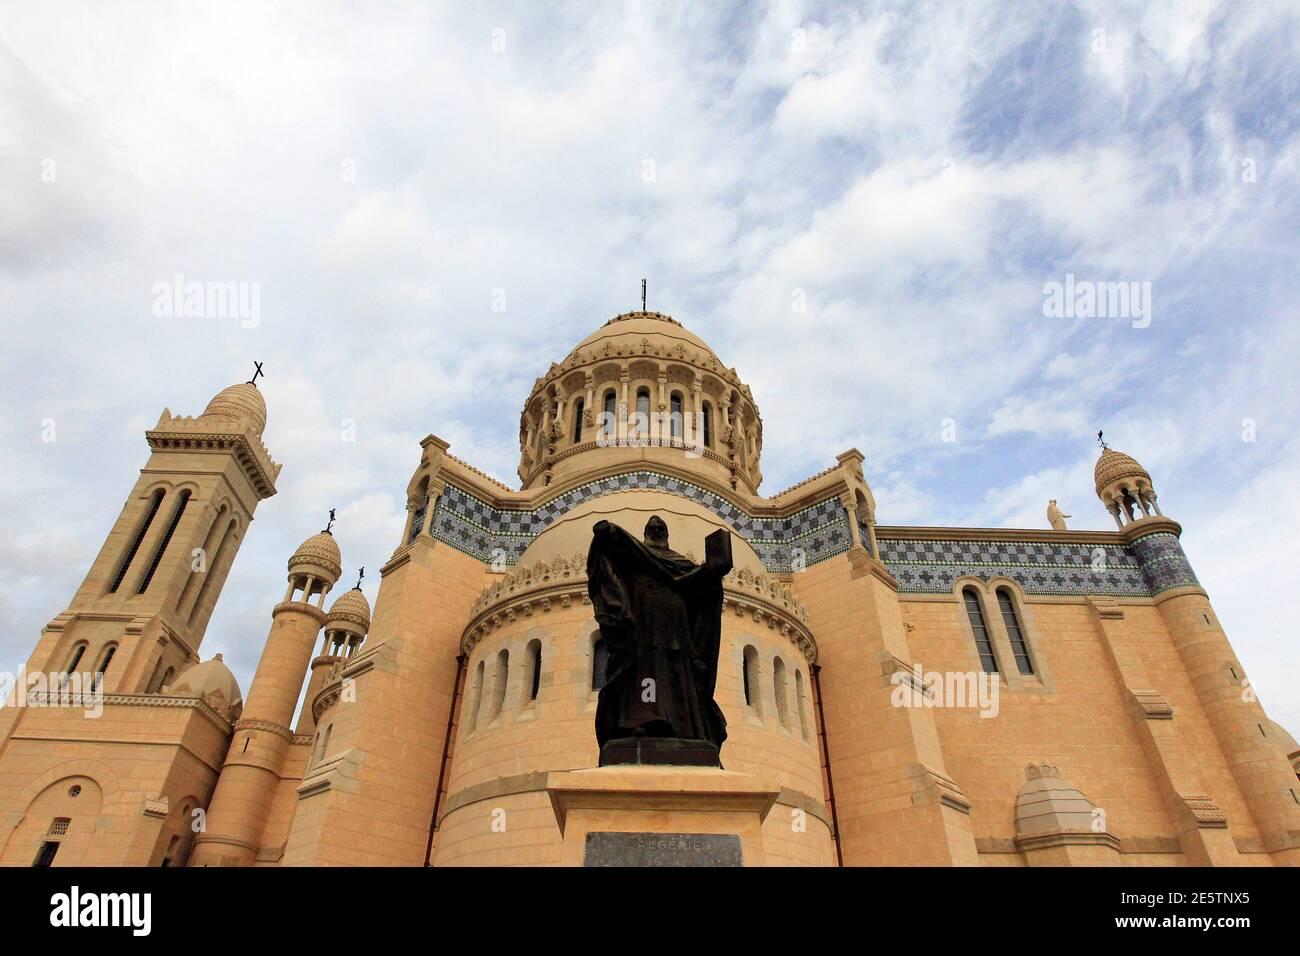 Una vista sulla Cattedrale di Notre Dame D'Afrique, recentemente restaurata, o nostra Signora d'Africa, Basilica di Algeri 13 dicembre 2010. La basilica è stata ufficialmente riaperta lunedì dopo un progetto di restauro quadriennale, parzialmente finanziato dall'Unione europea. La chiesa, che sorge su un promontorio che domina il Mar Mediterraneo, è stata costruita durante il dominio coloniale francese in Algeria .REUTERS/Zohra Bensemra (ALGERIA - Tag: SOCIETÀ RELIGIOSA) Foto Stock